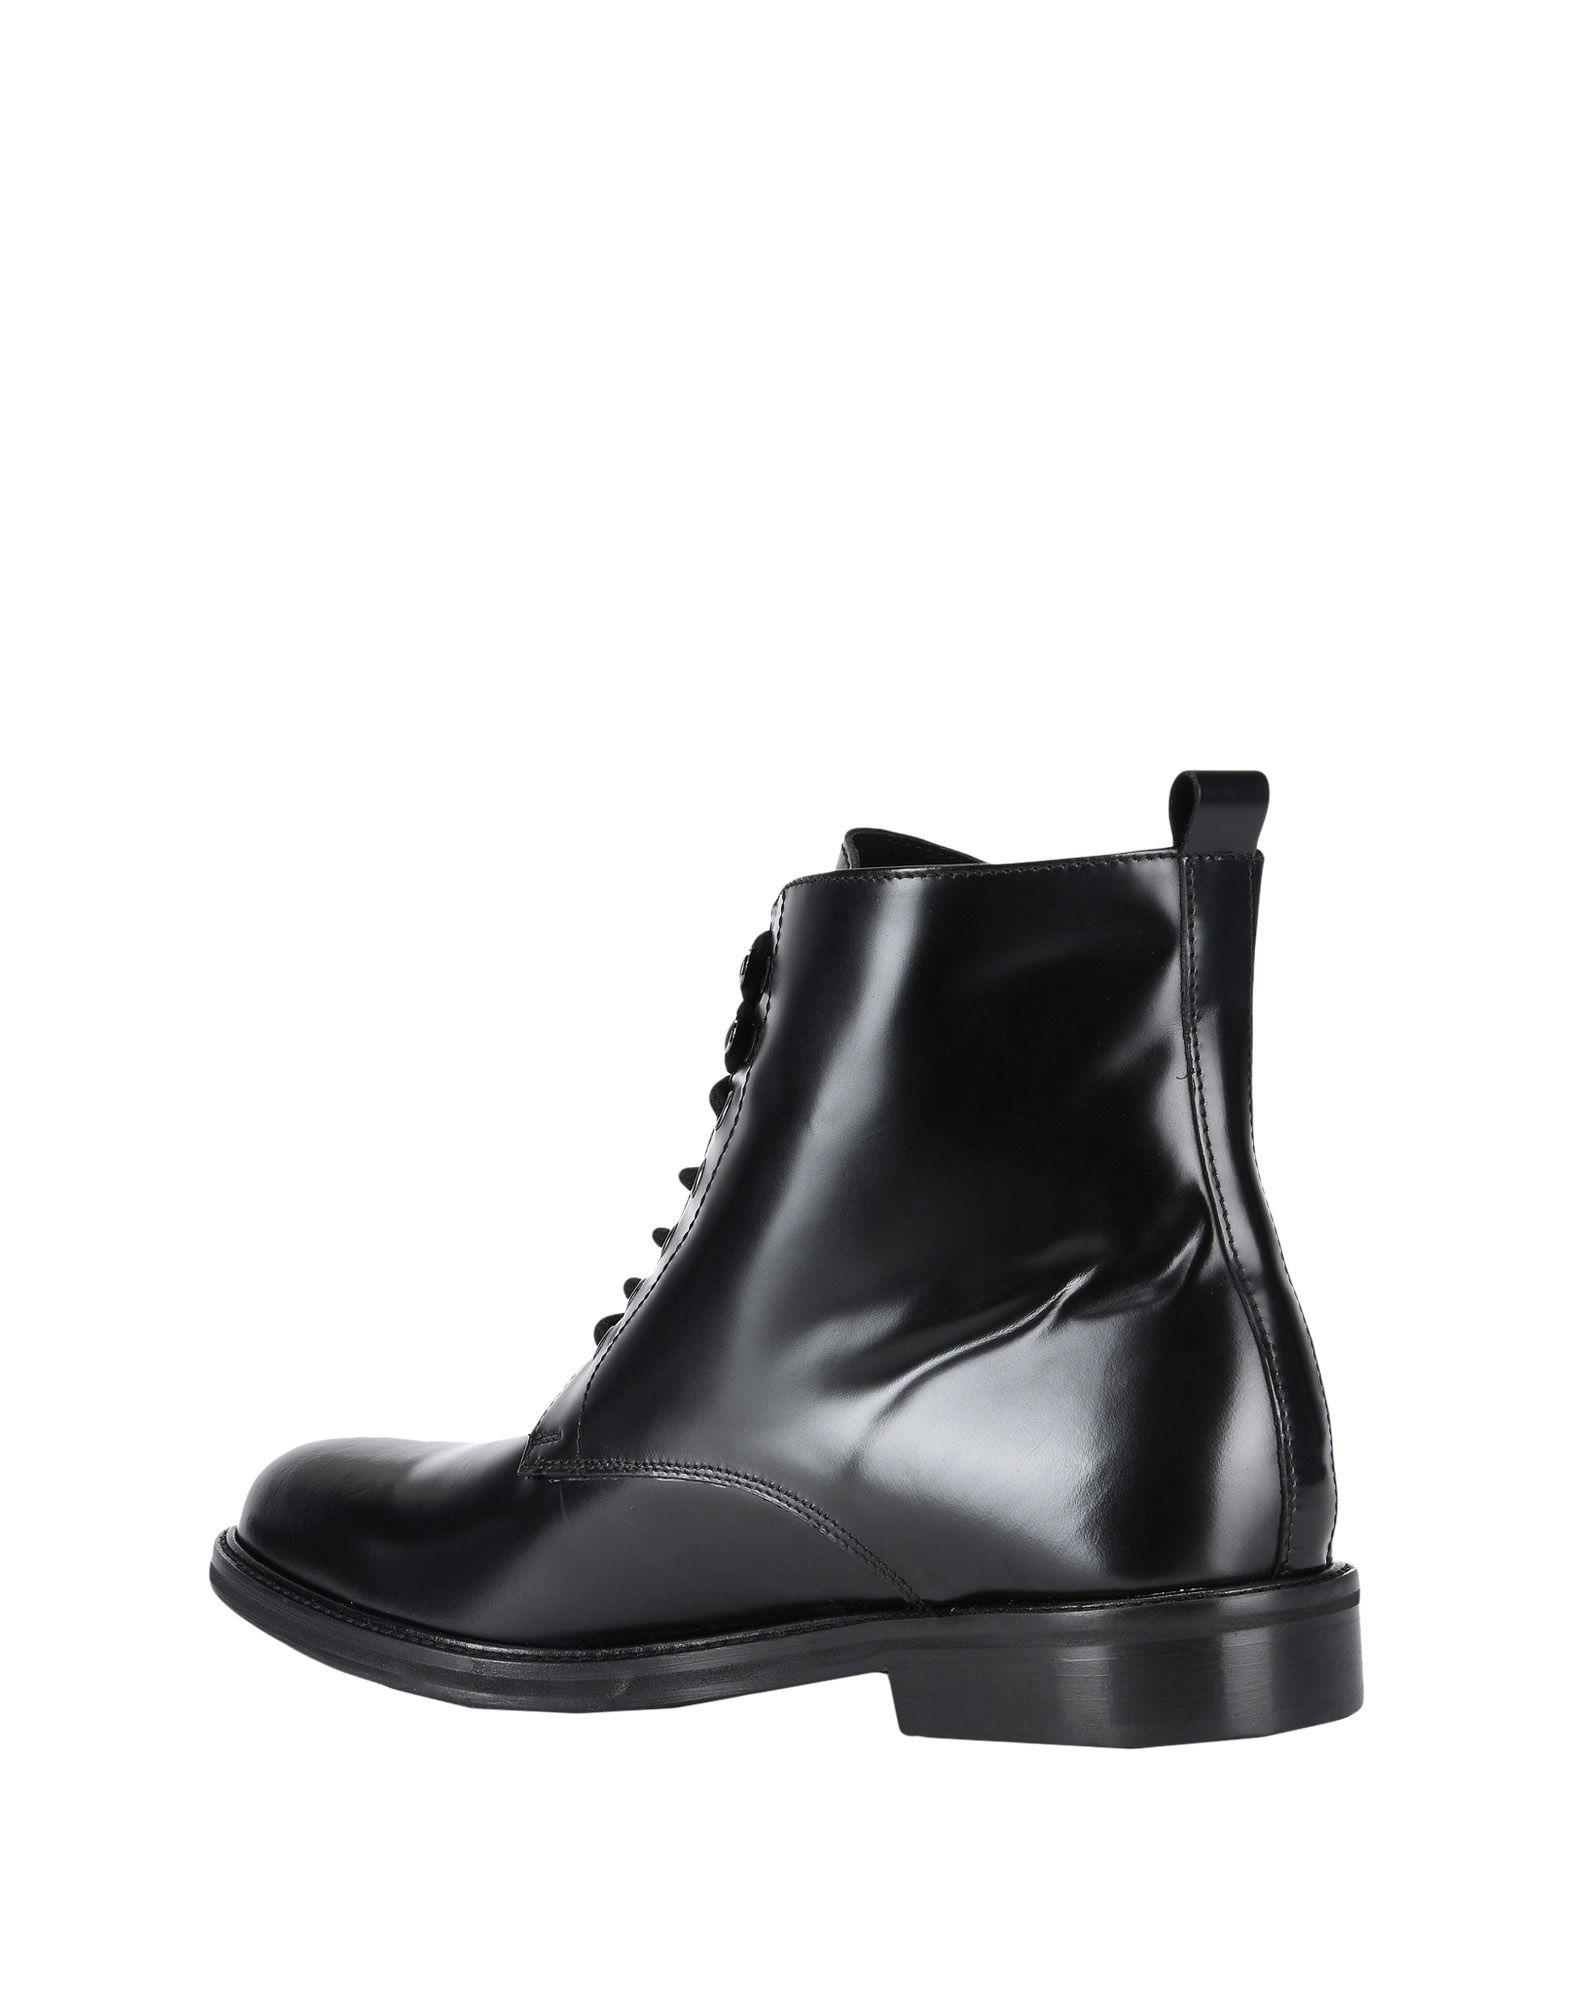 Ylati Heritage Stiefelette Herren  11482999SH Gute Qualität beliebte Schuhe